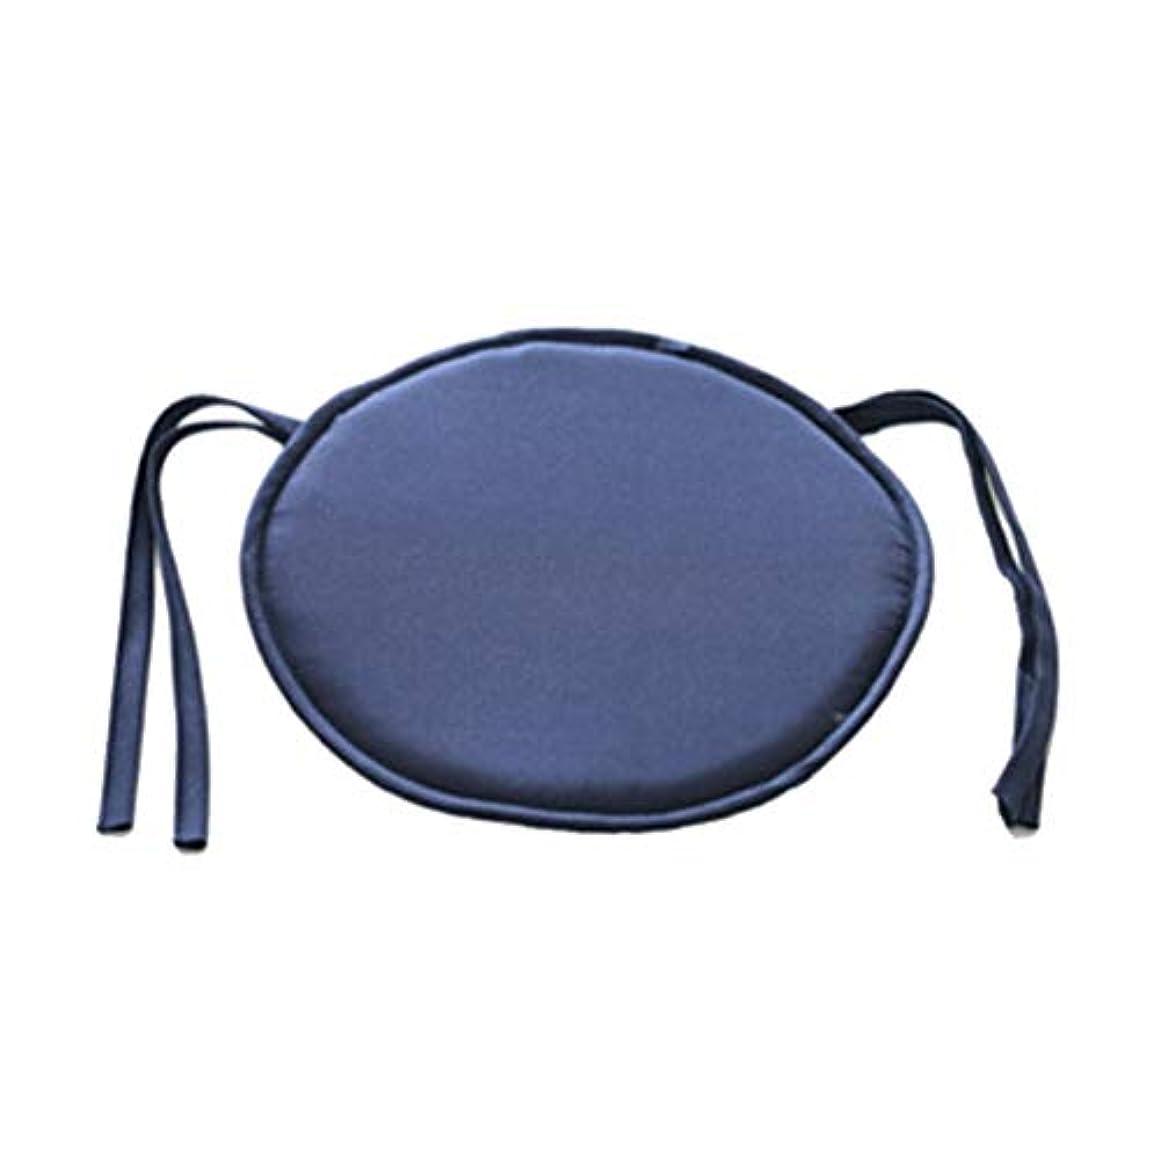 可動式ブームライオンLIFE ホット販売ラウンドチェアクッション屋内ポップパティオオフィスチェアシートパッドネクタイスクエアガーデンキッチンダイニングクッション クッション 椅子